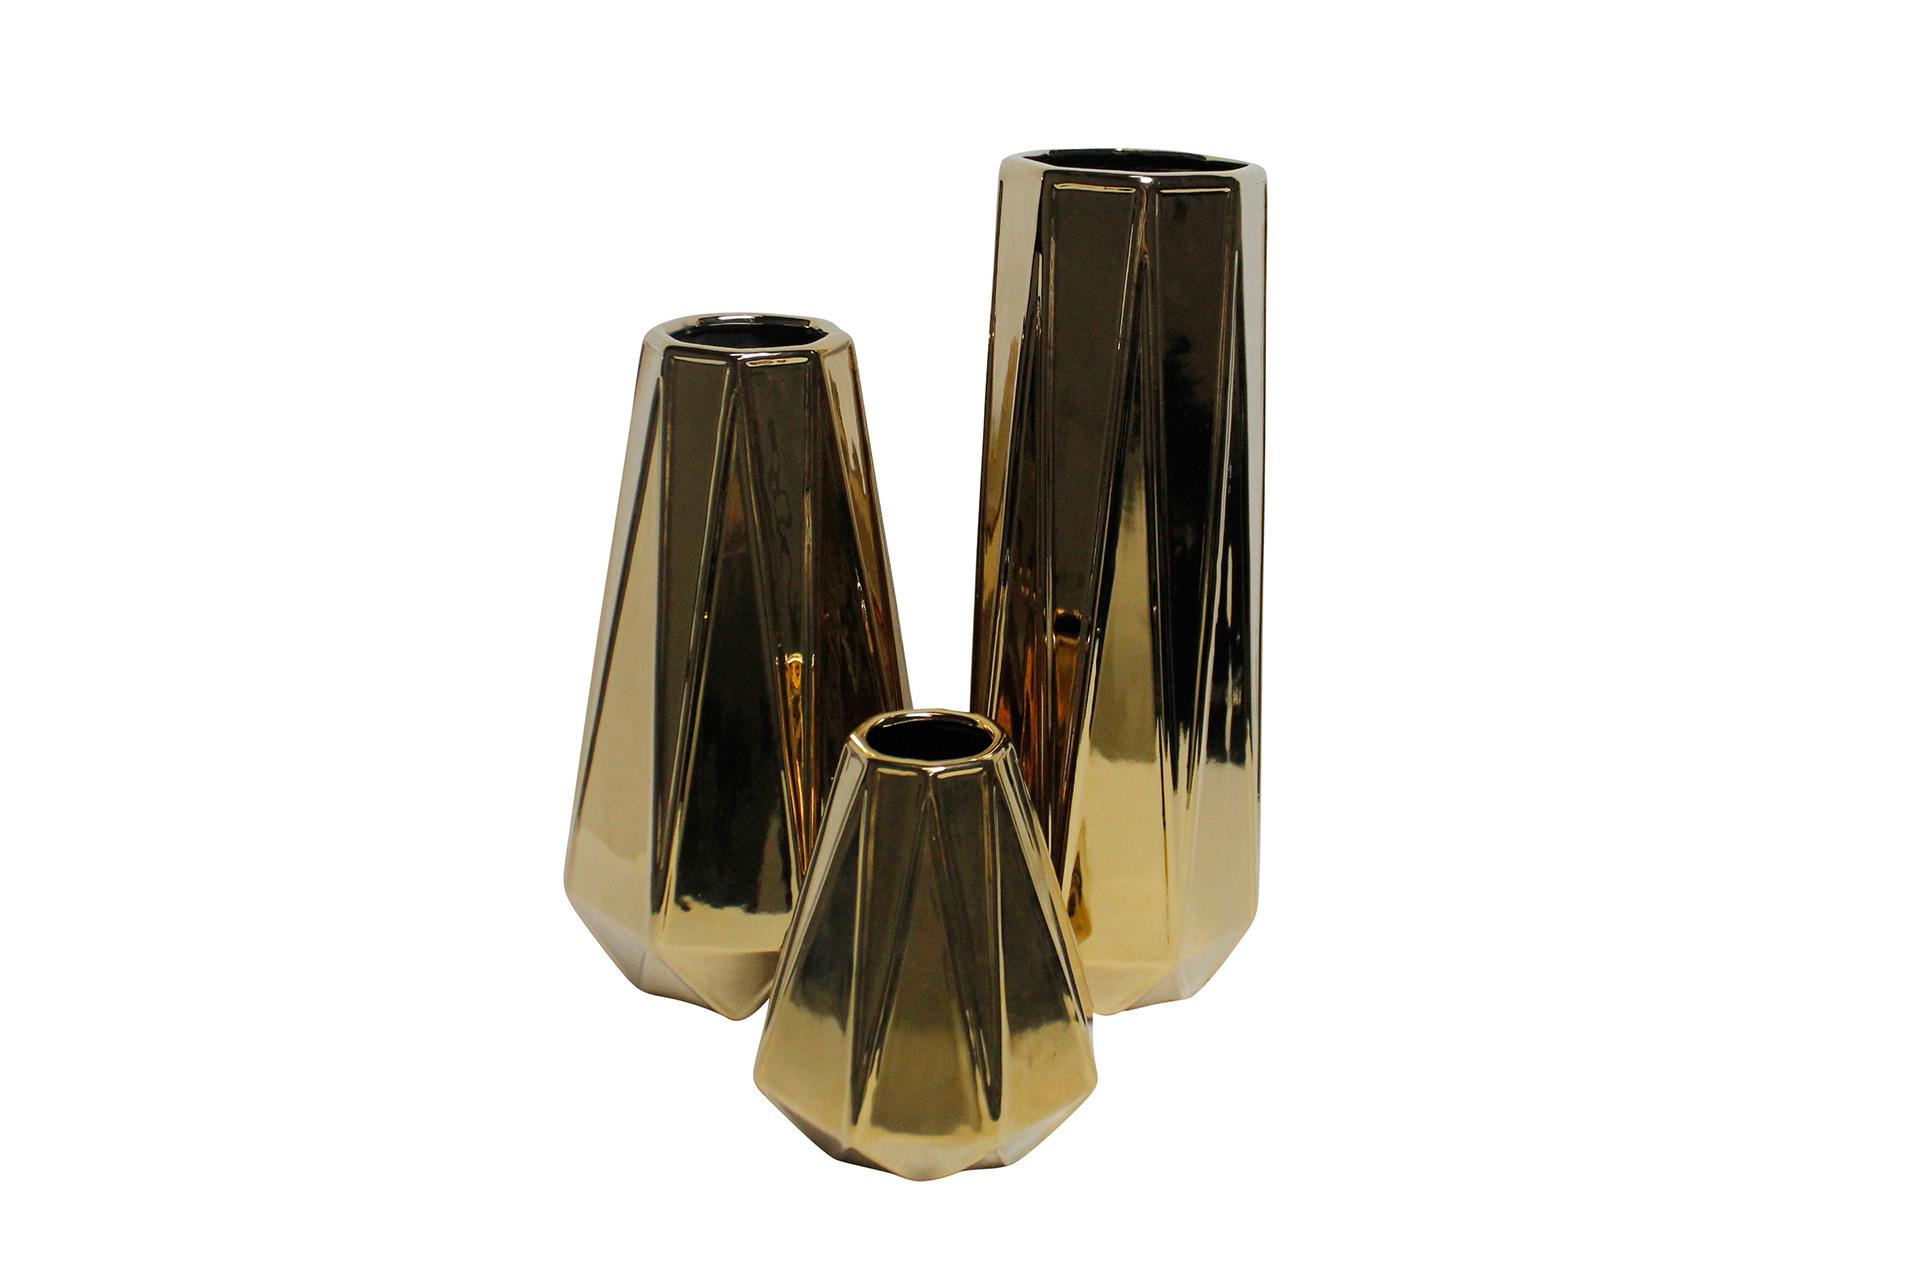 3 Piece Set Ceramic Gold Vases